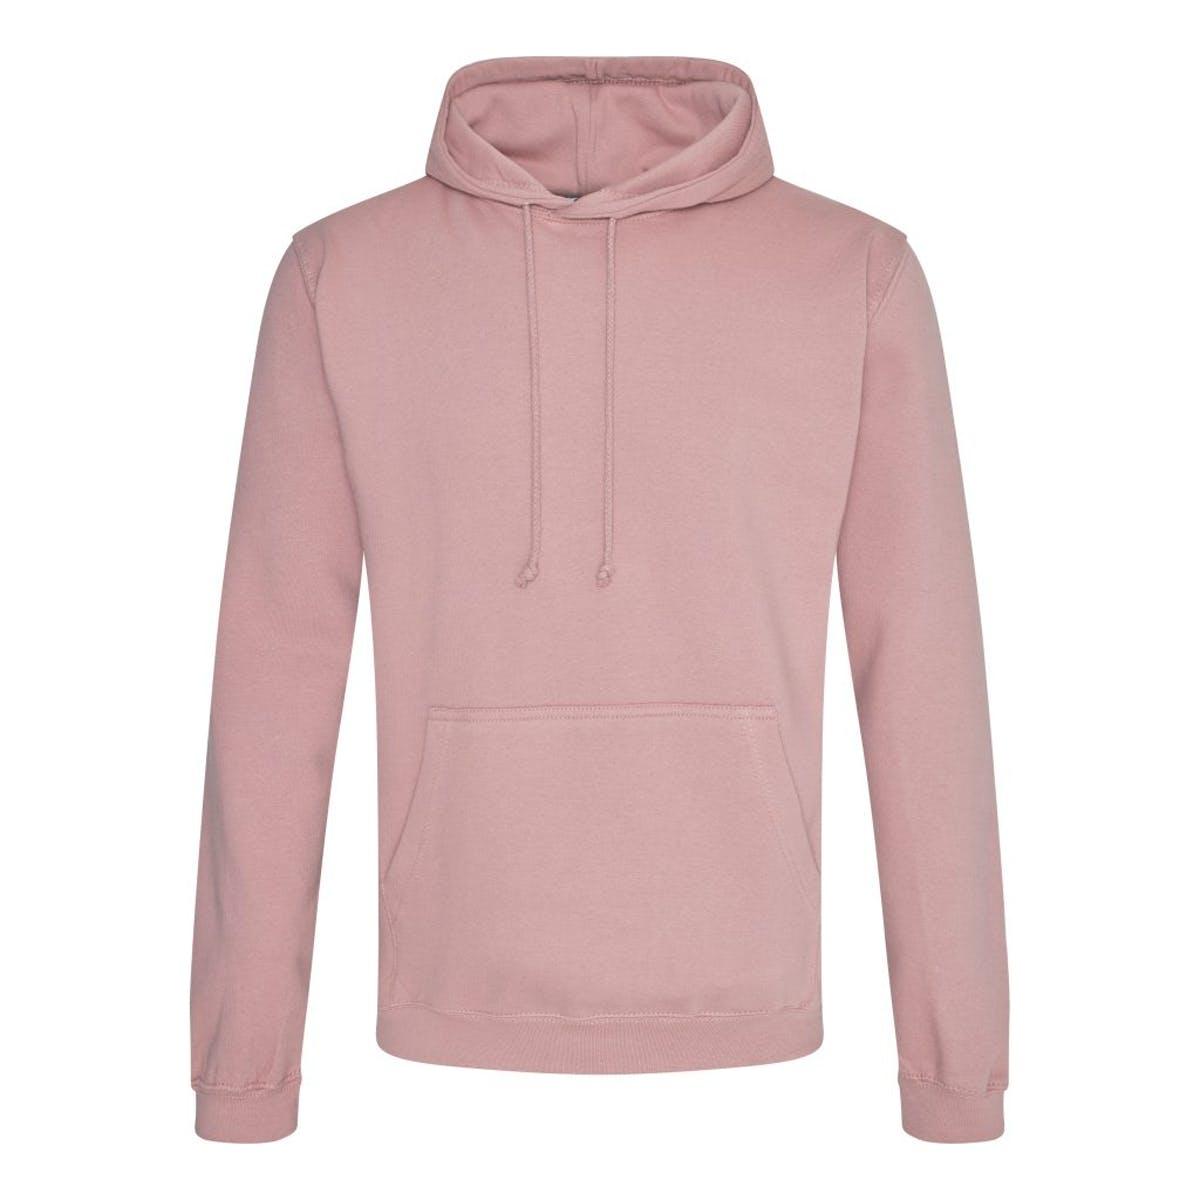 dusty pink college hoodies